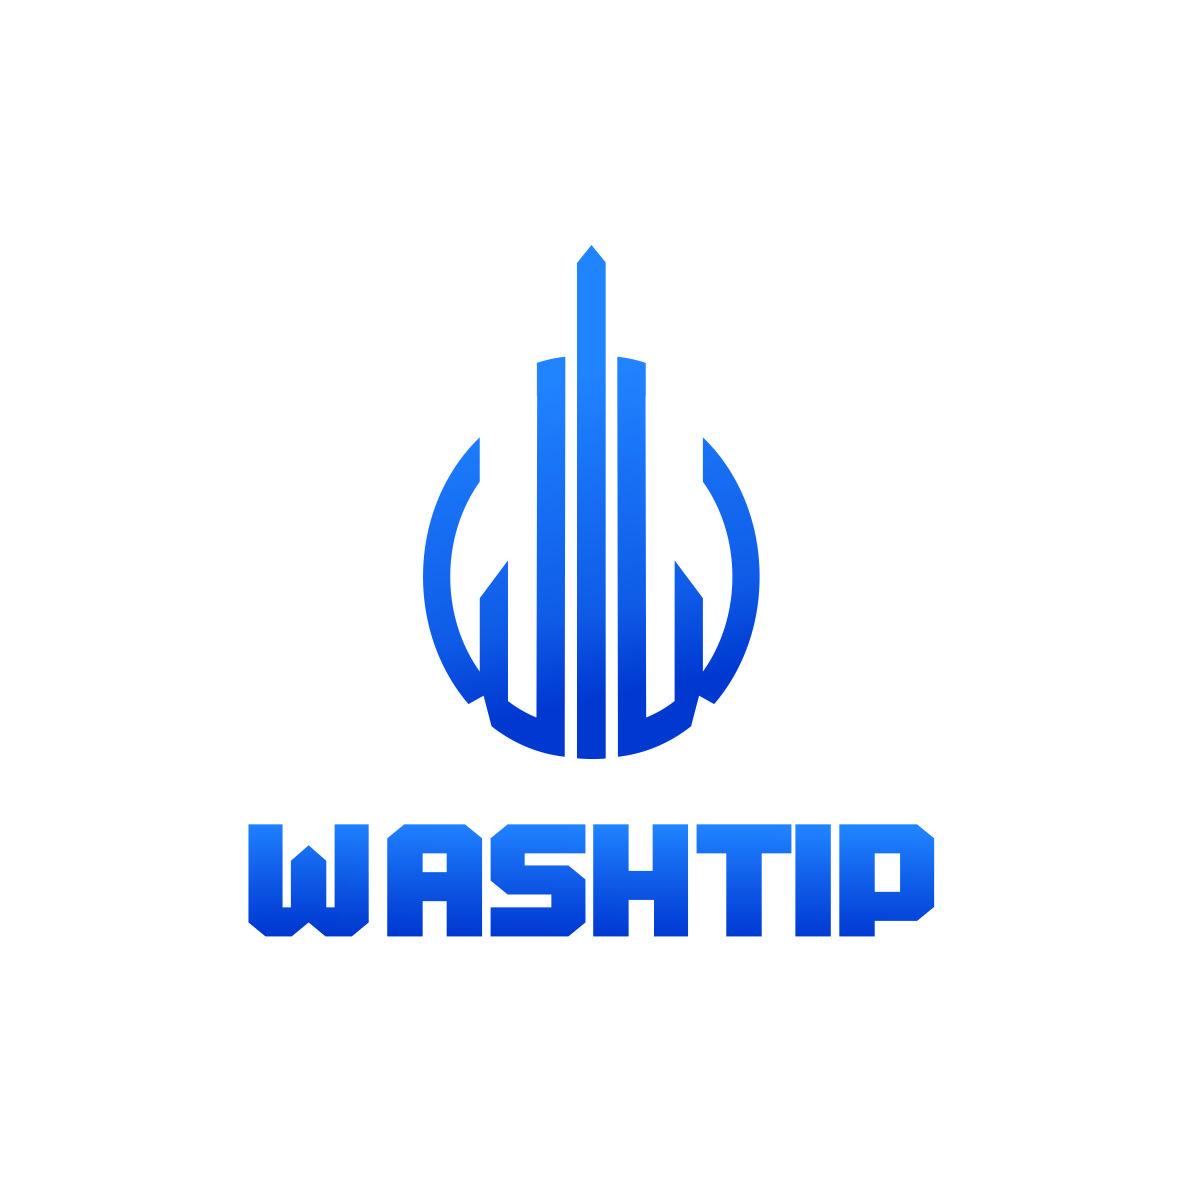 Разработка логотипа для онлайн-сервиса химчистки фото f_4615c04b9a453b1d.jpg